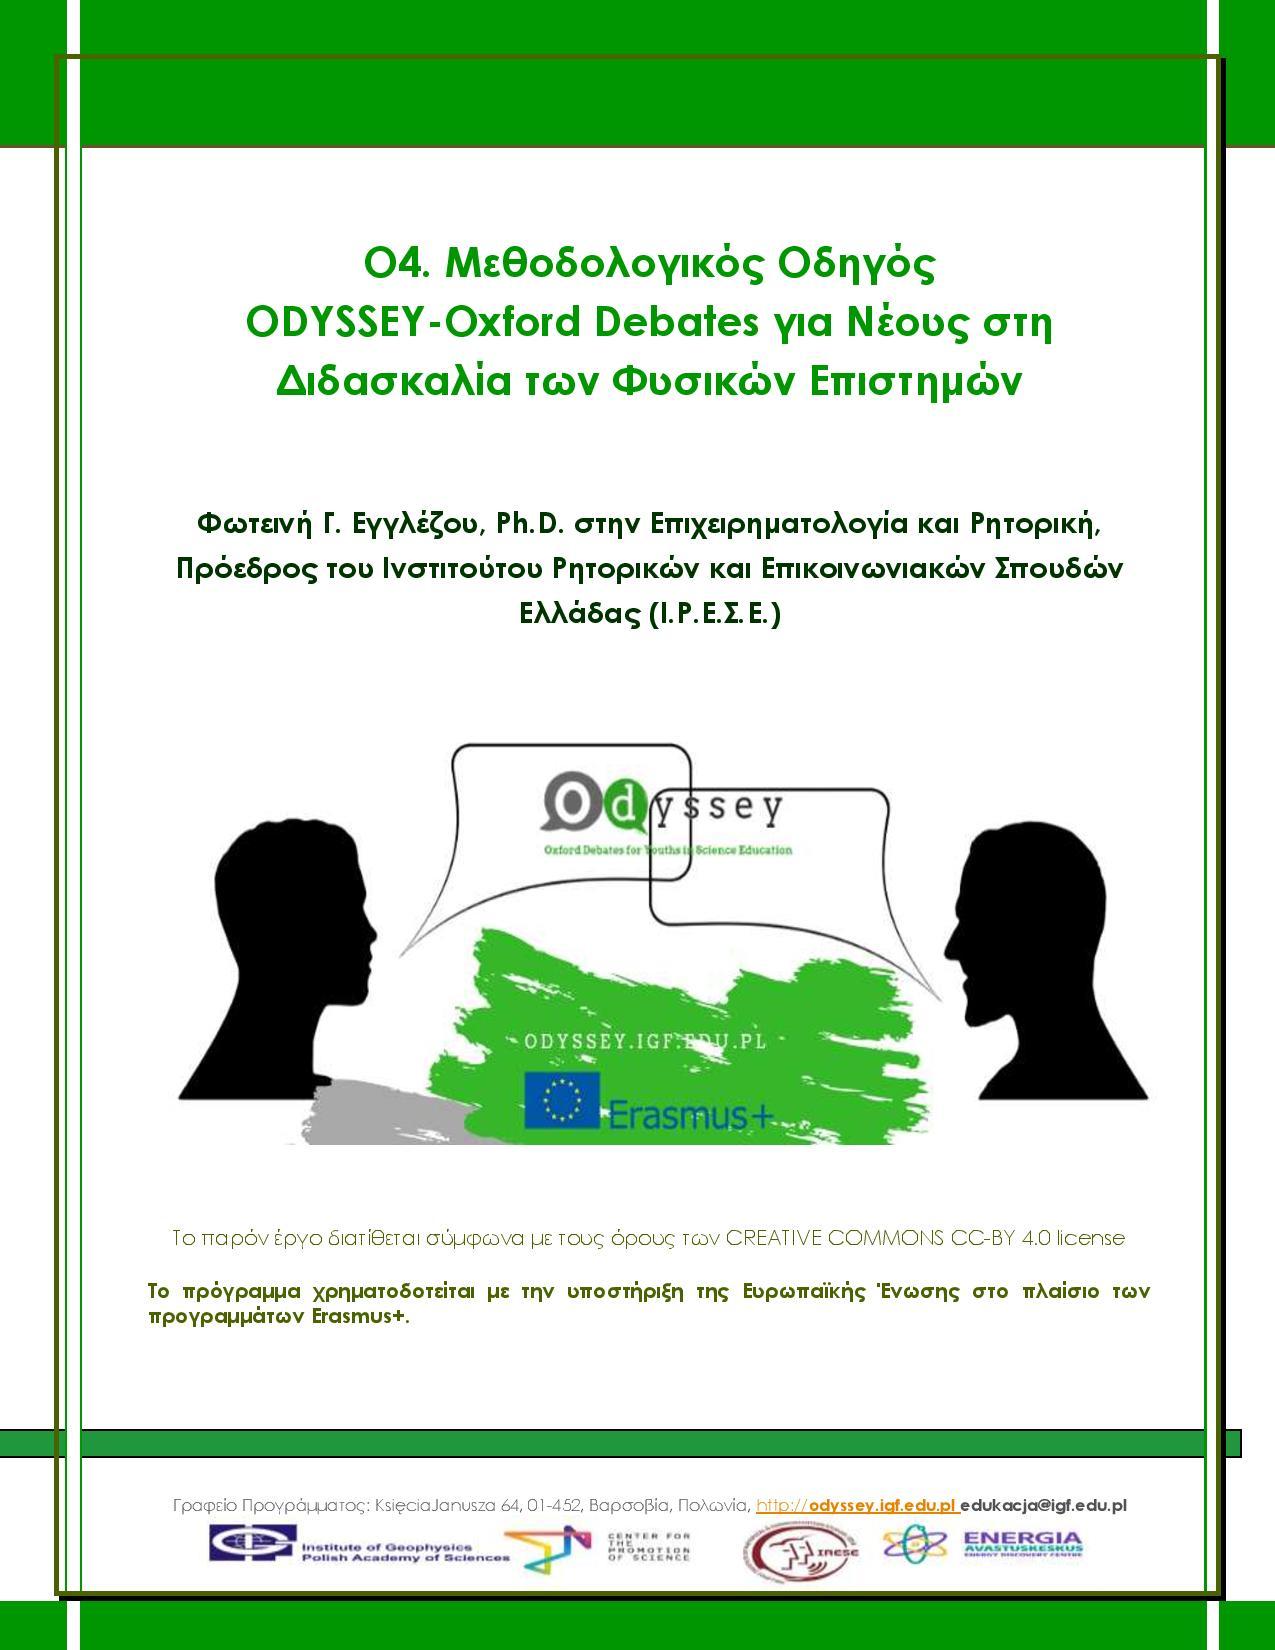 Μεθοδολογικός Οδηγός Ο4 «Oxford Debates για Νέους στη Διδακτική των Φυσικών Επιστημών» (στα Eλληνικά)